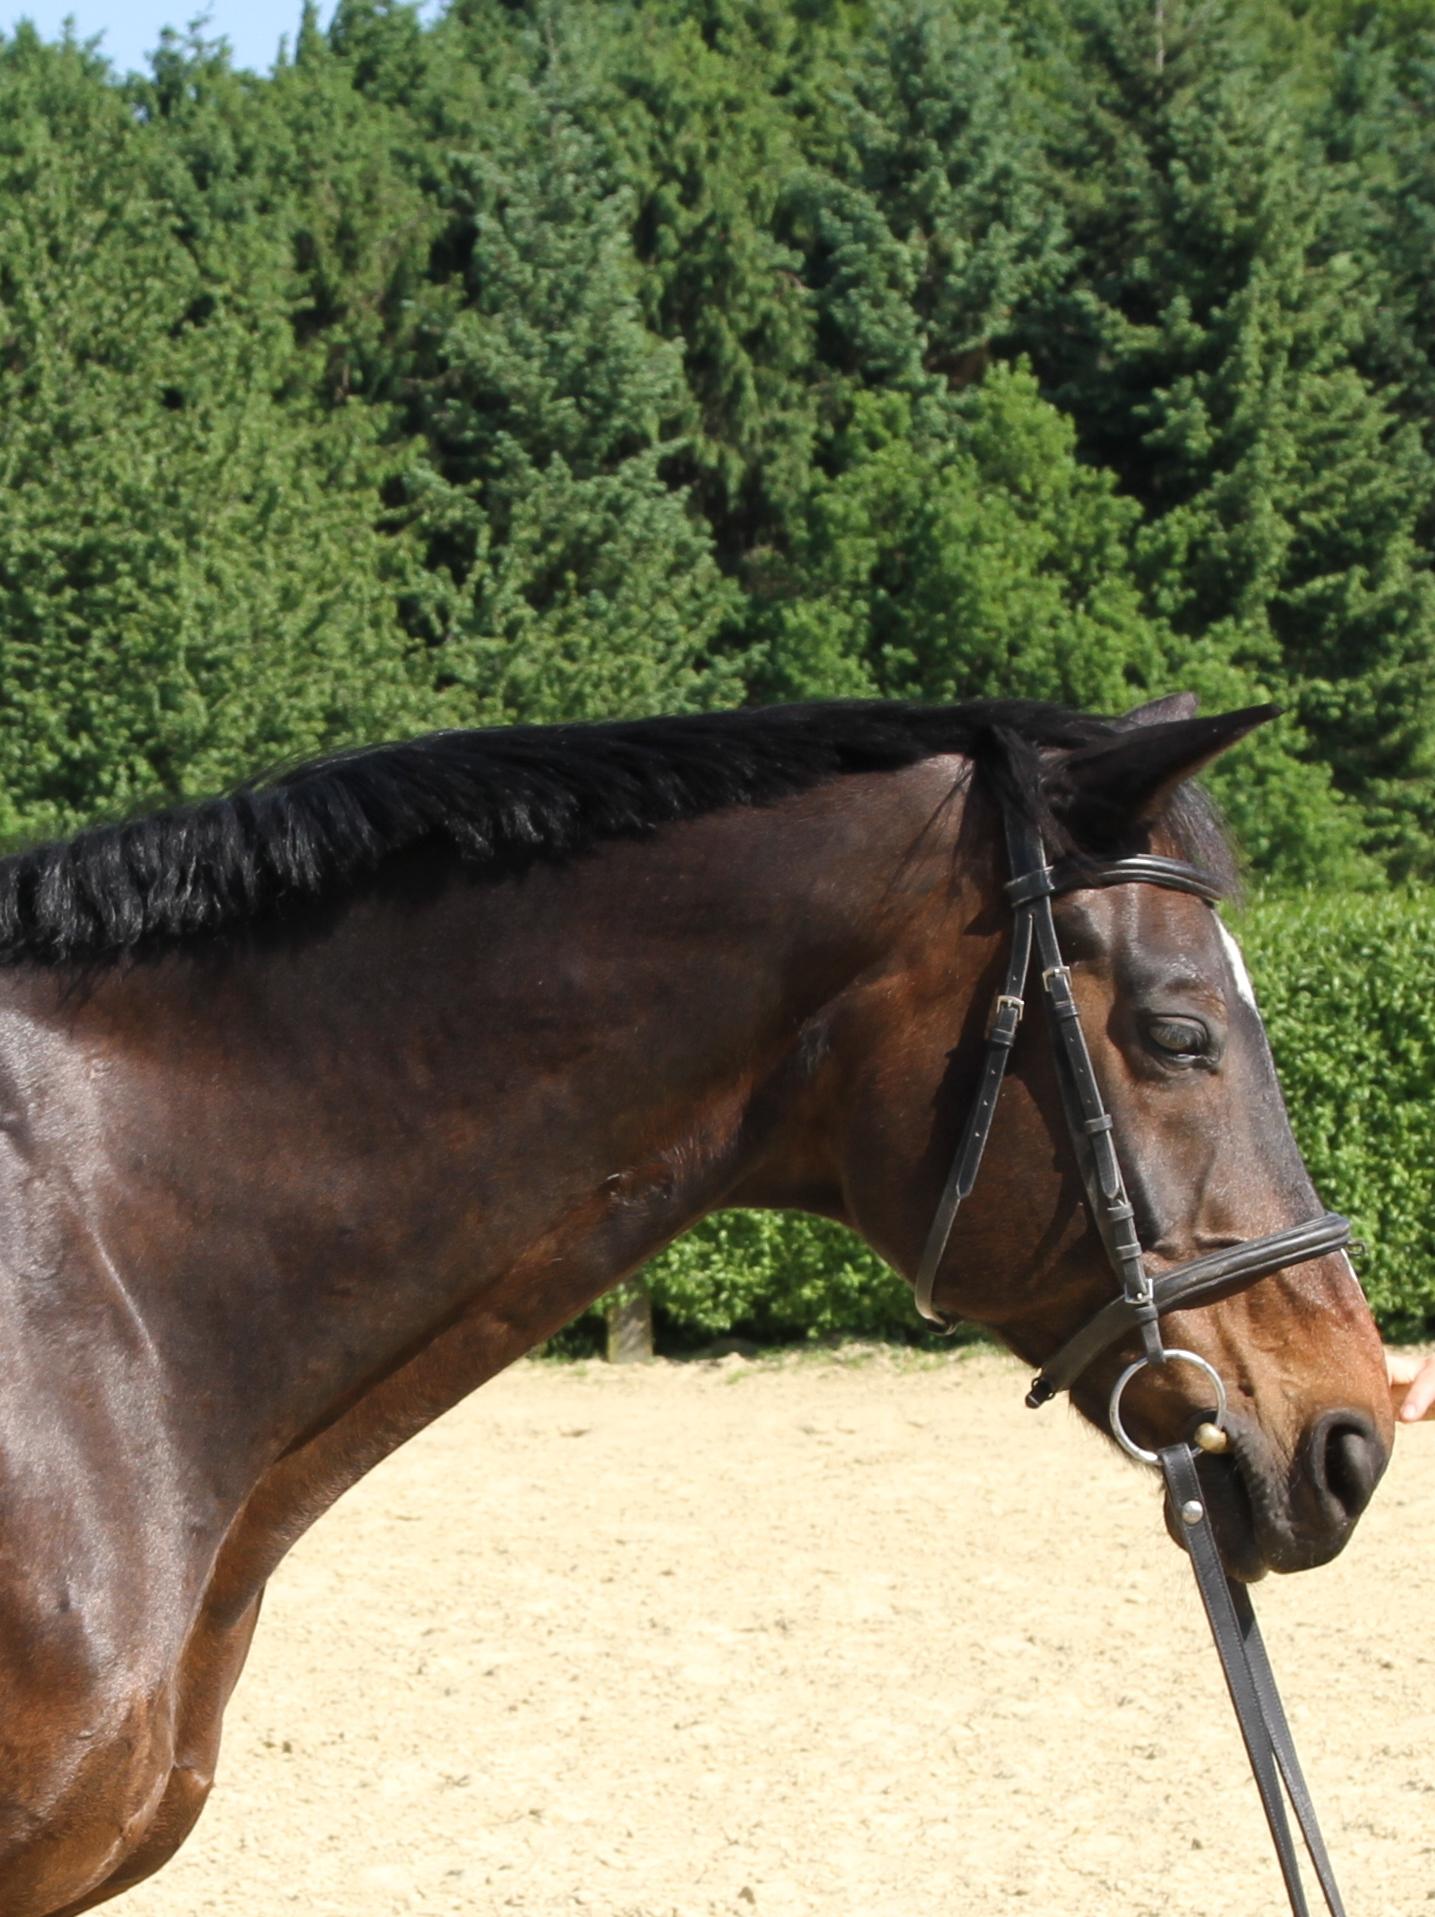 Pferdekopf im Profil, mit Trense. Die Zügel baumeln.